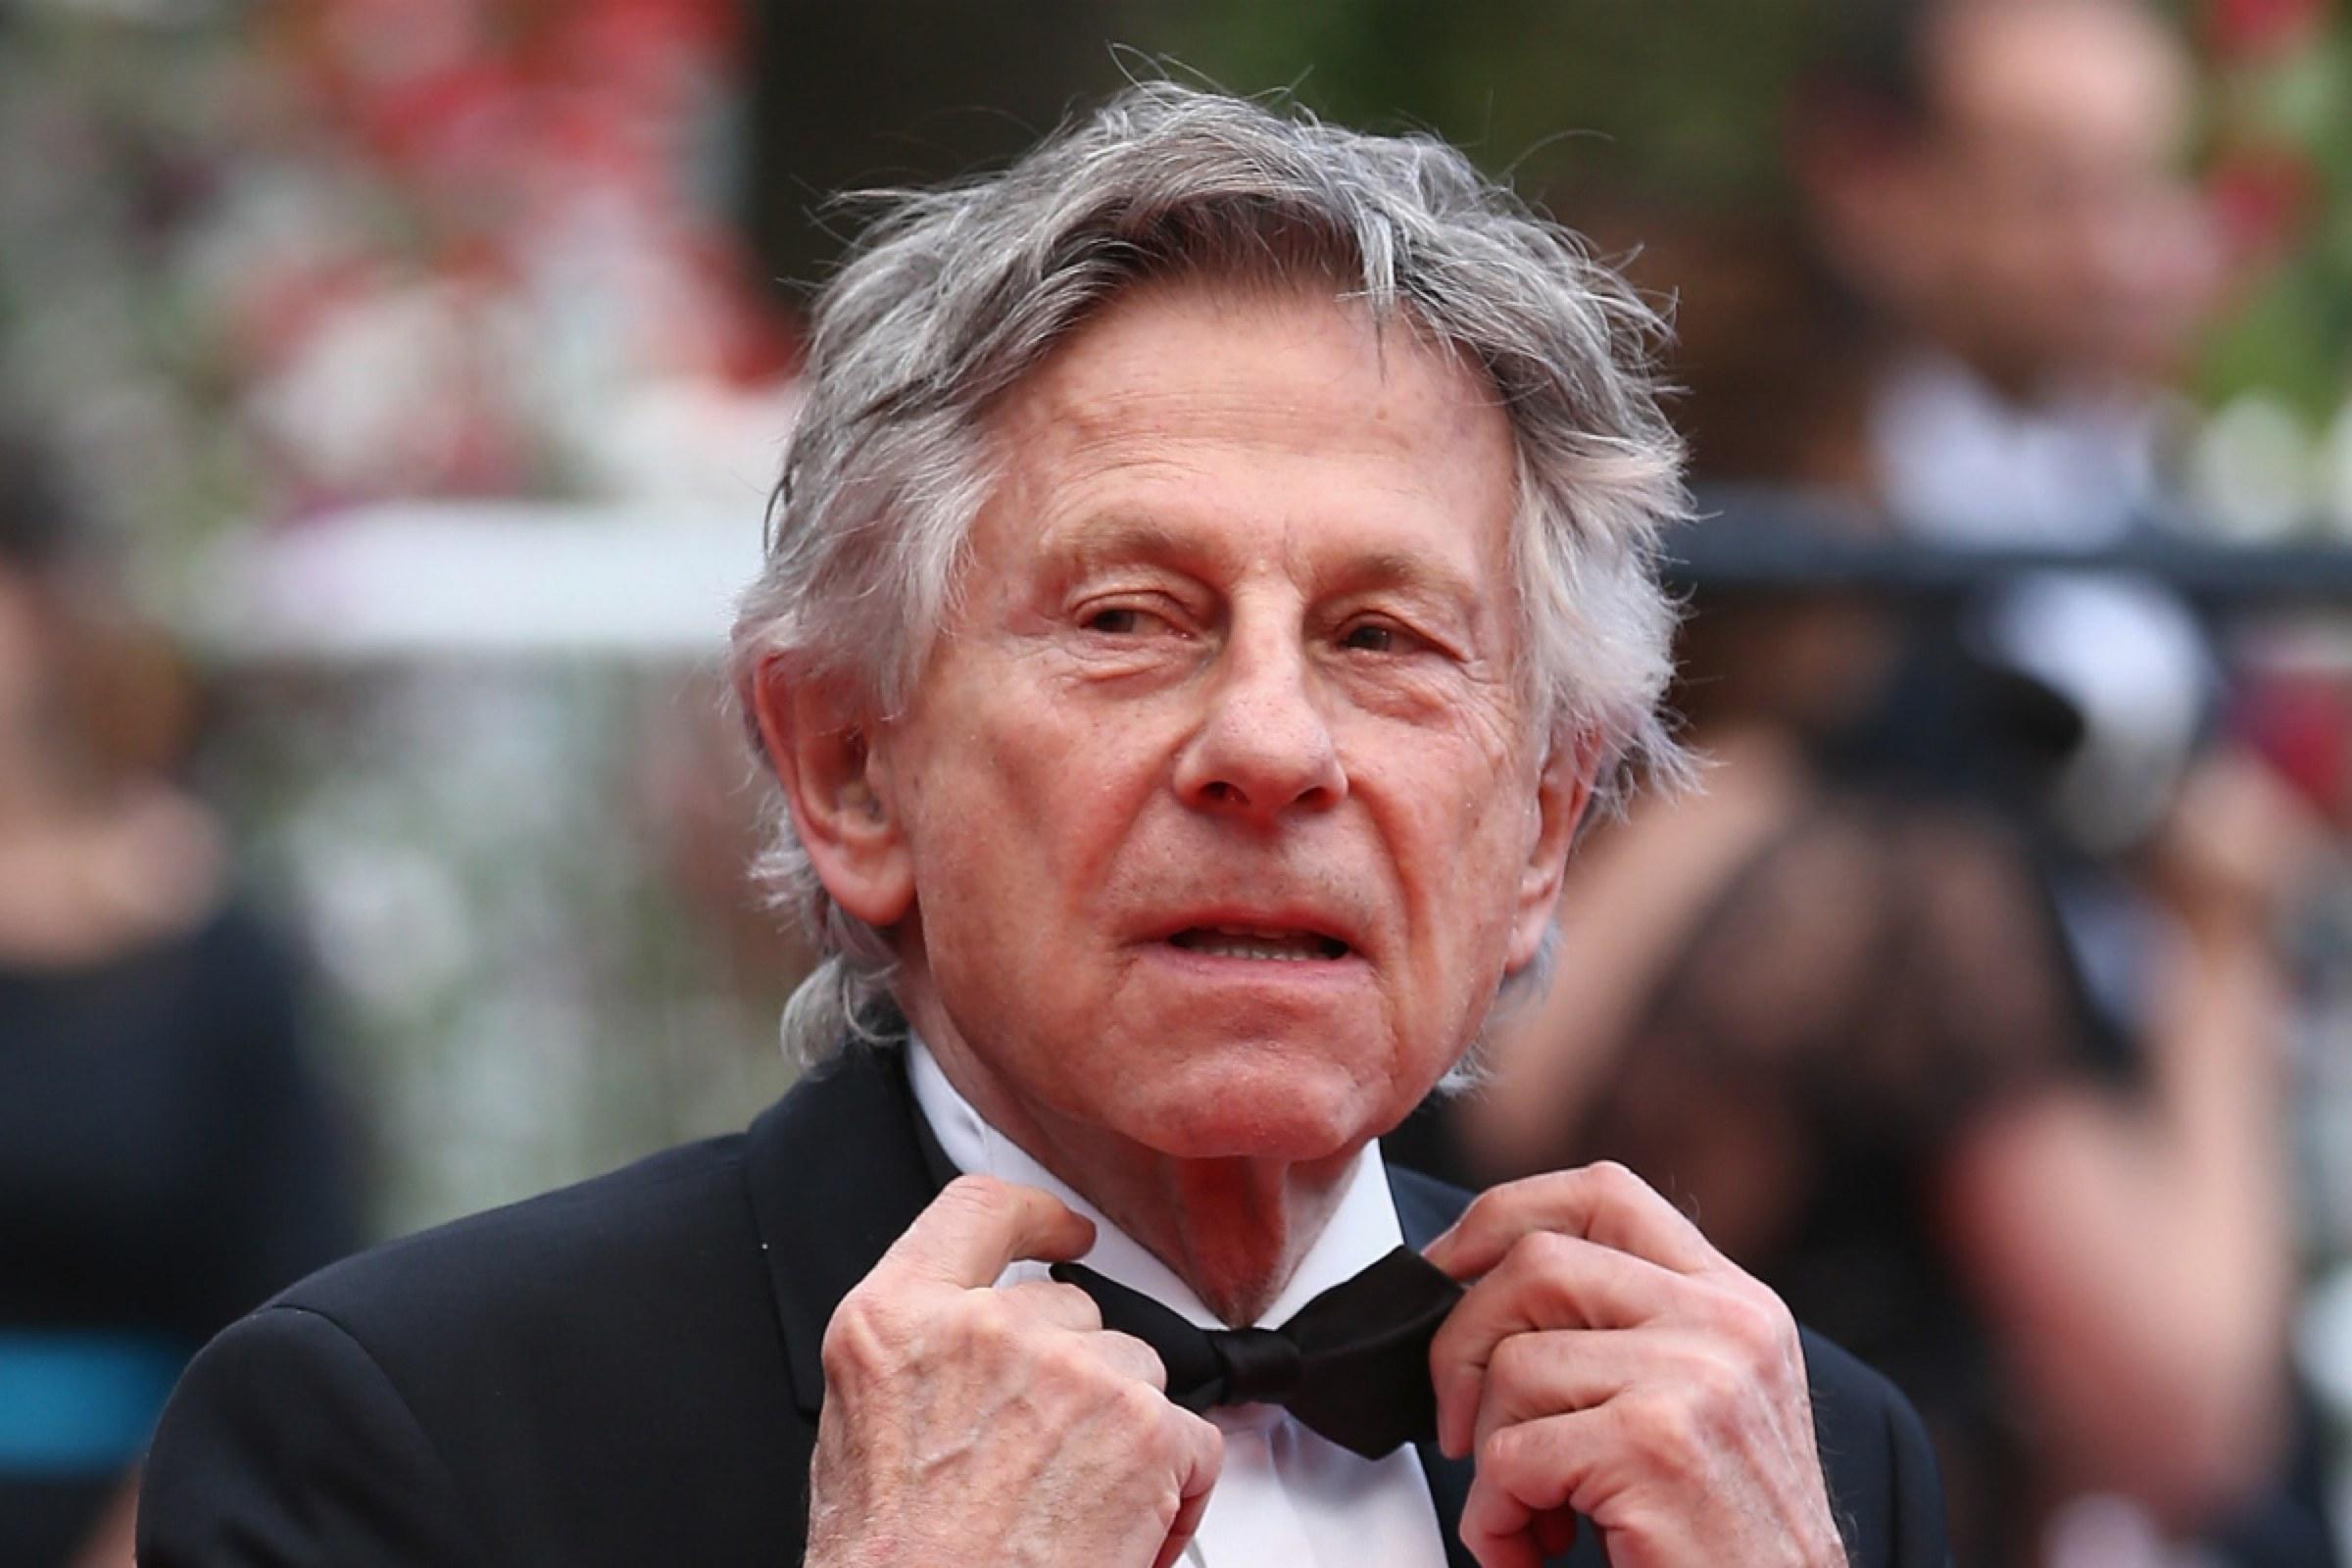 Hollywood y el machismo: acusan a Roman Polanski de abuso sexual a niña de 10 años